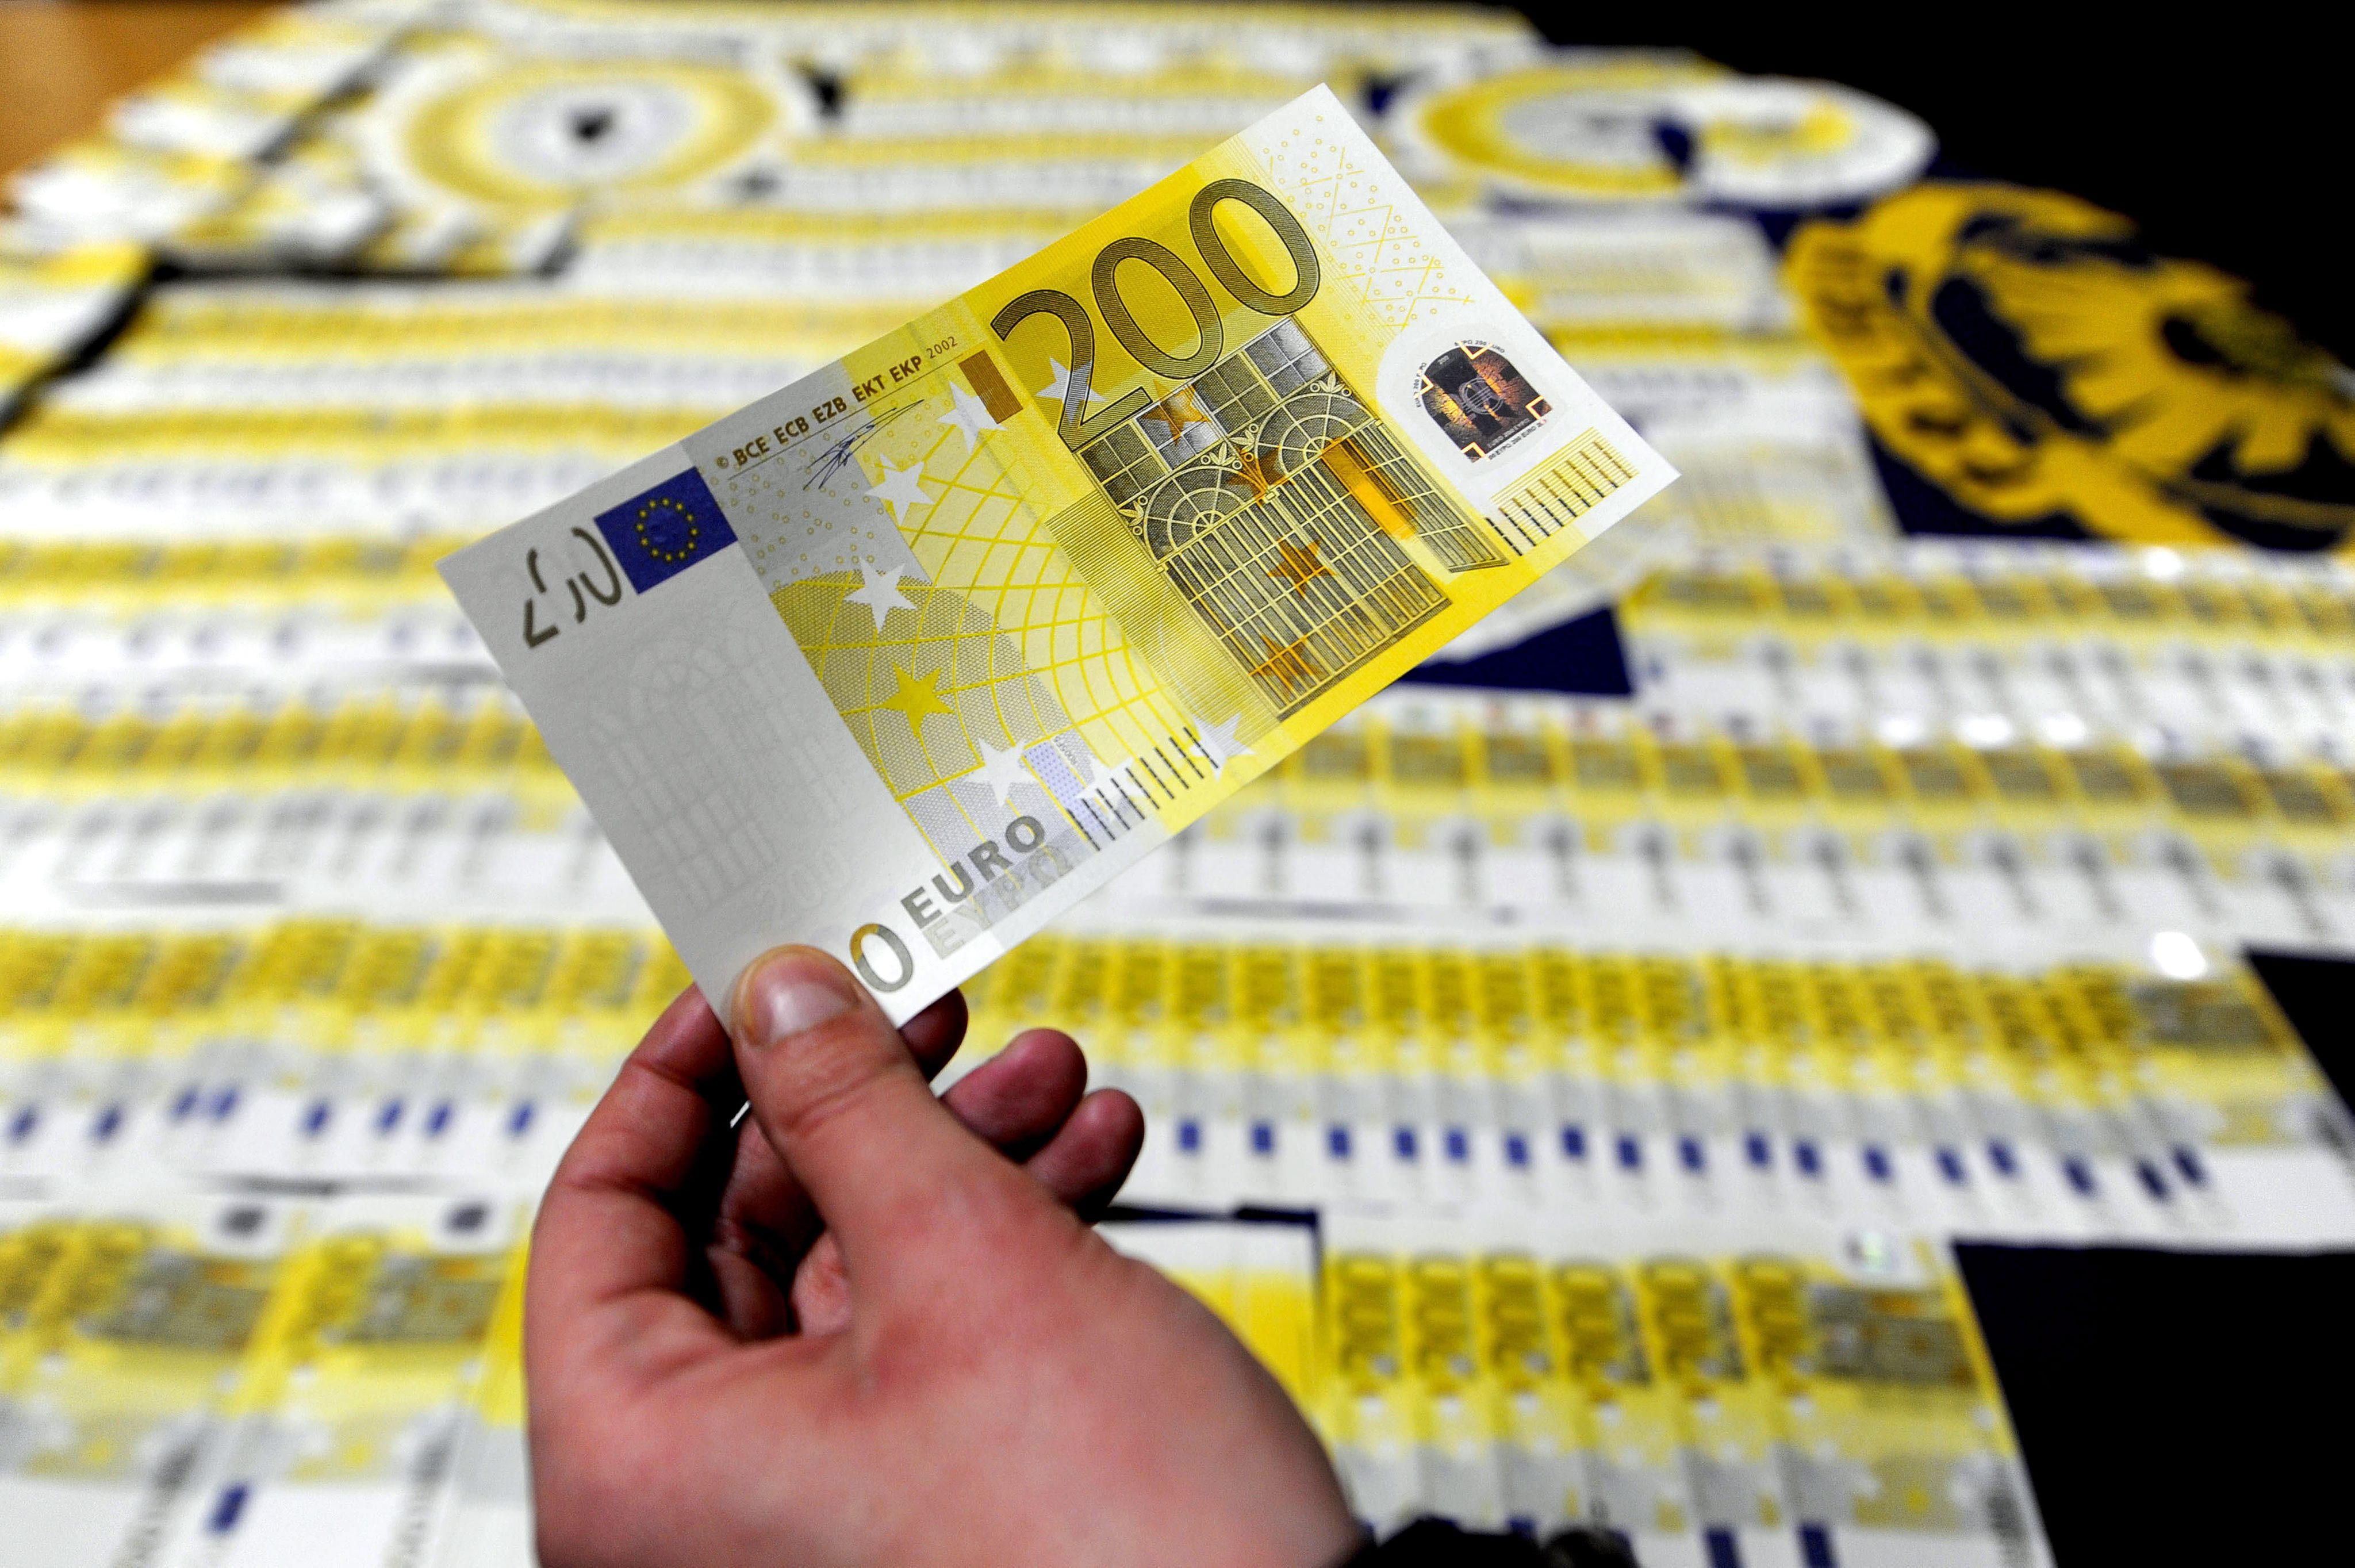 Los billetes falsos en Portugal crecen un 43 por ciento en el primer semestre de 2013